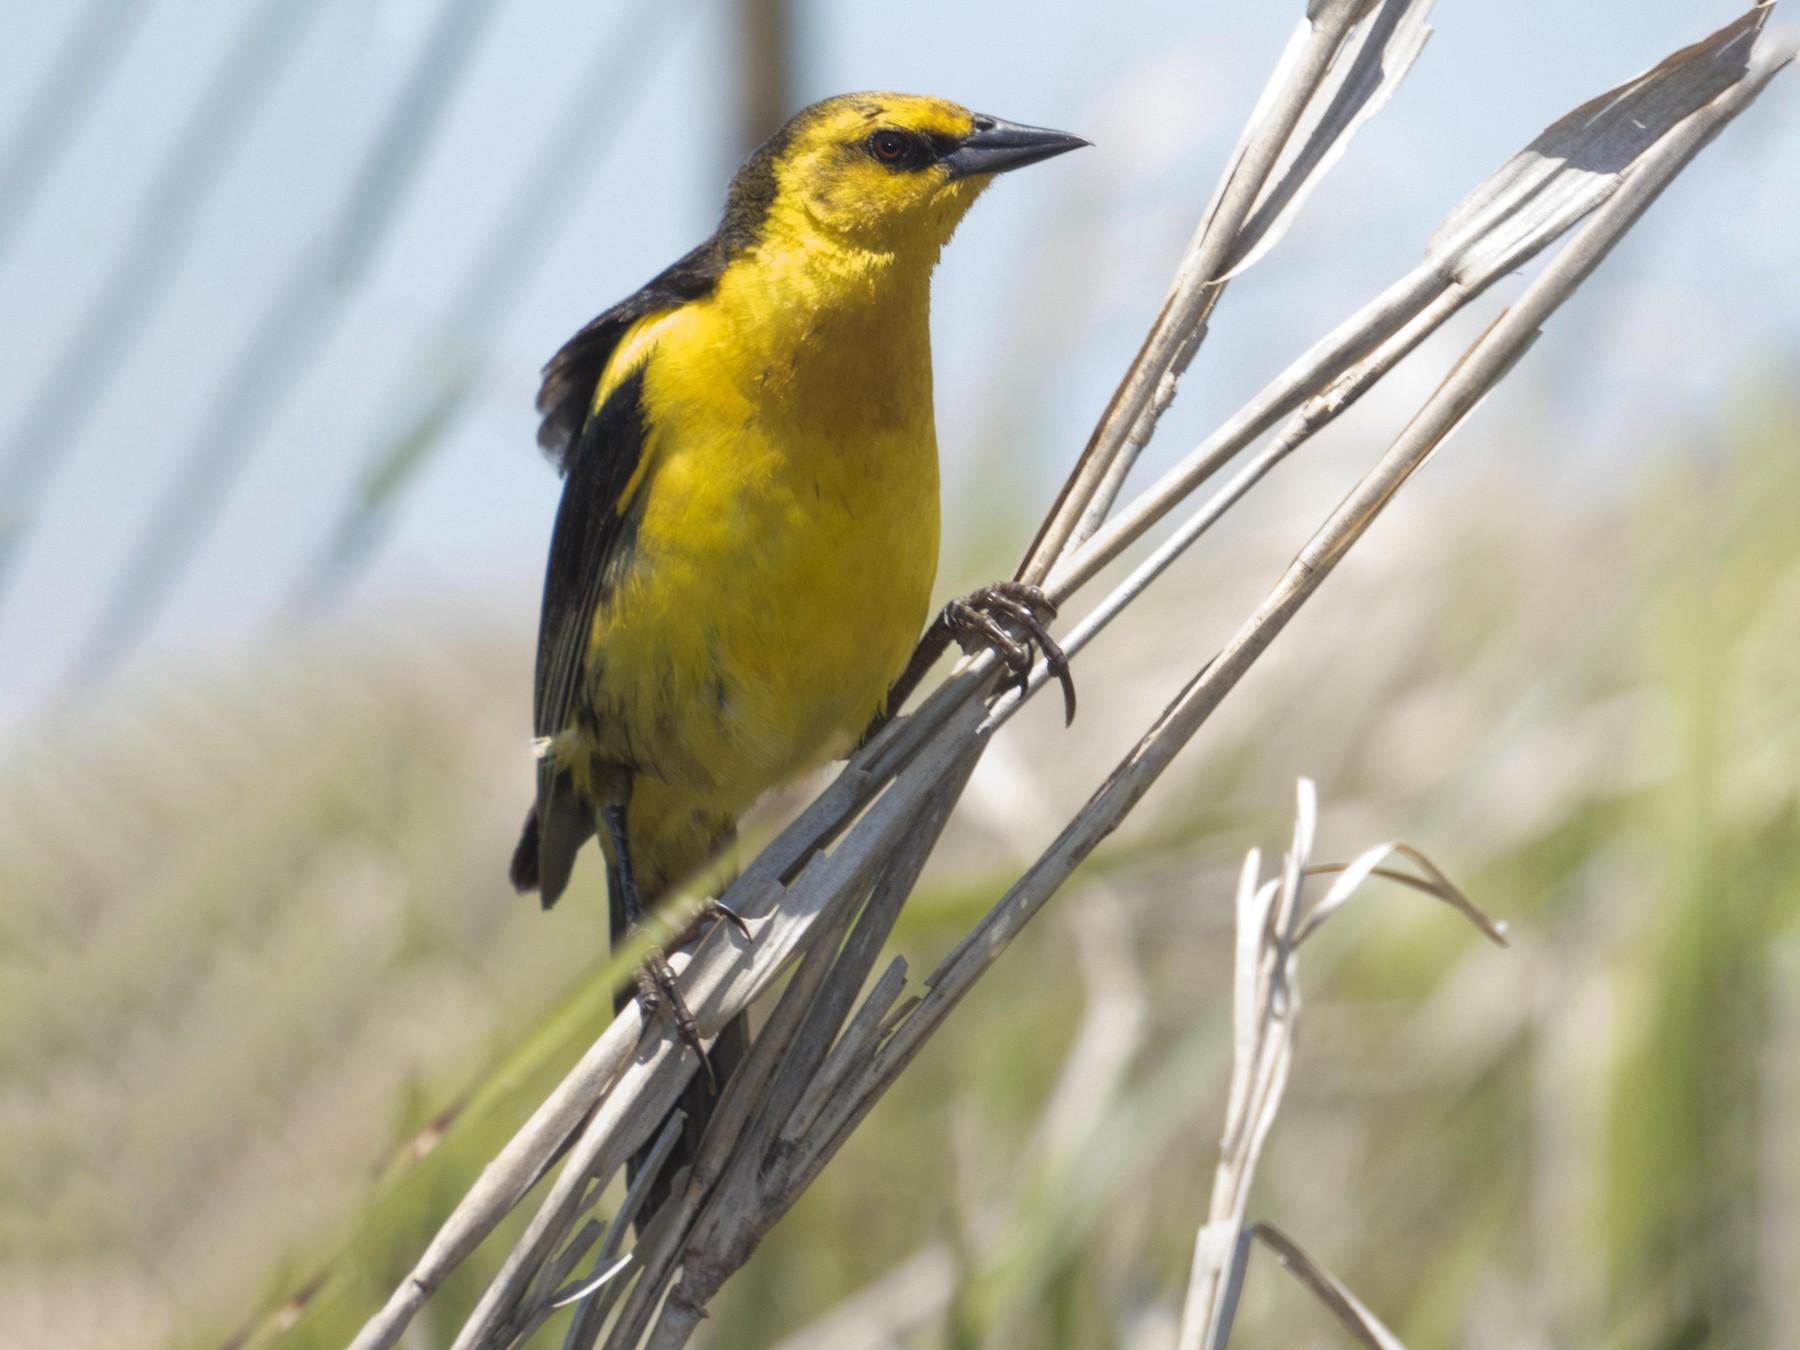 Saffron-cowled Blackbird - Leandro Bareiro Guiñazú